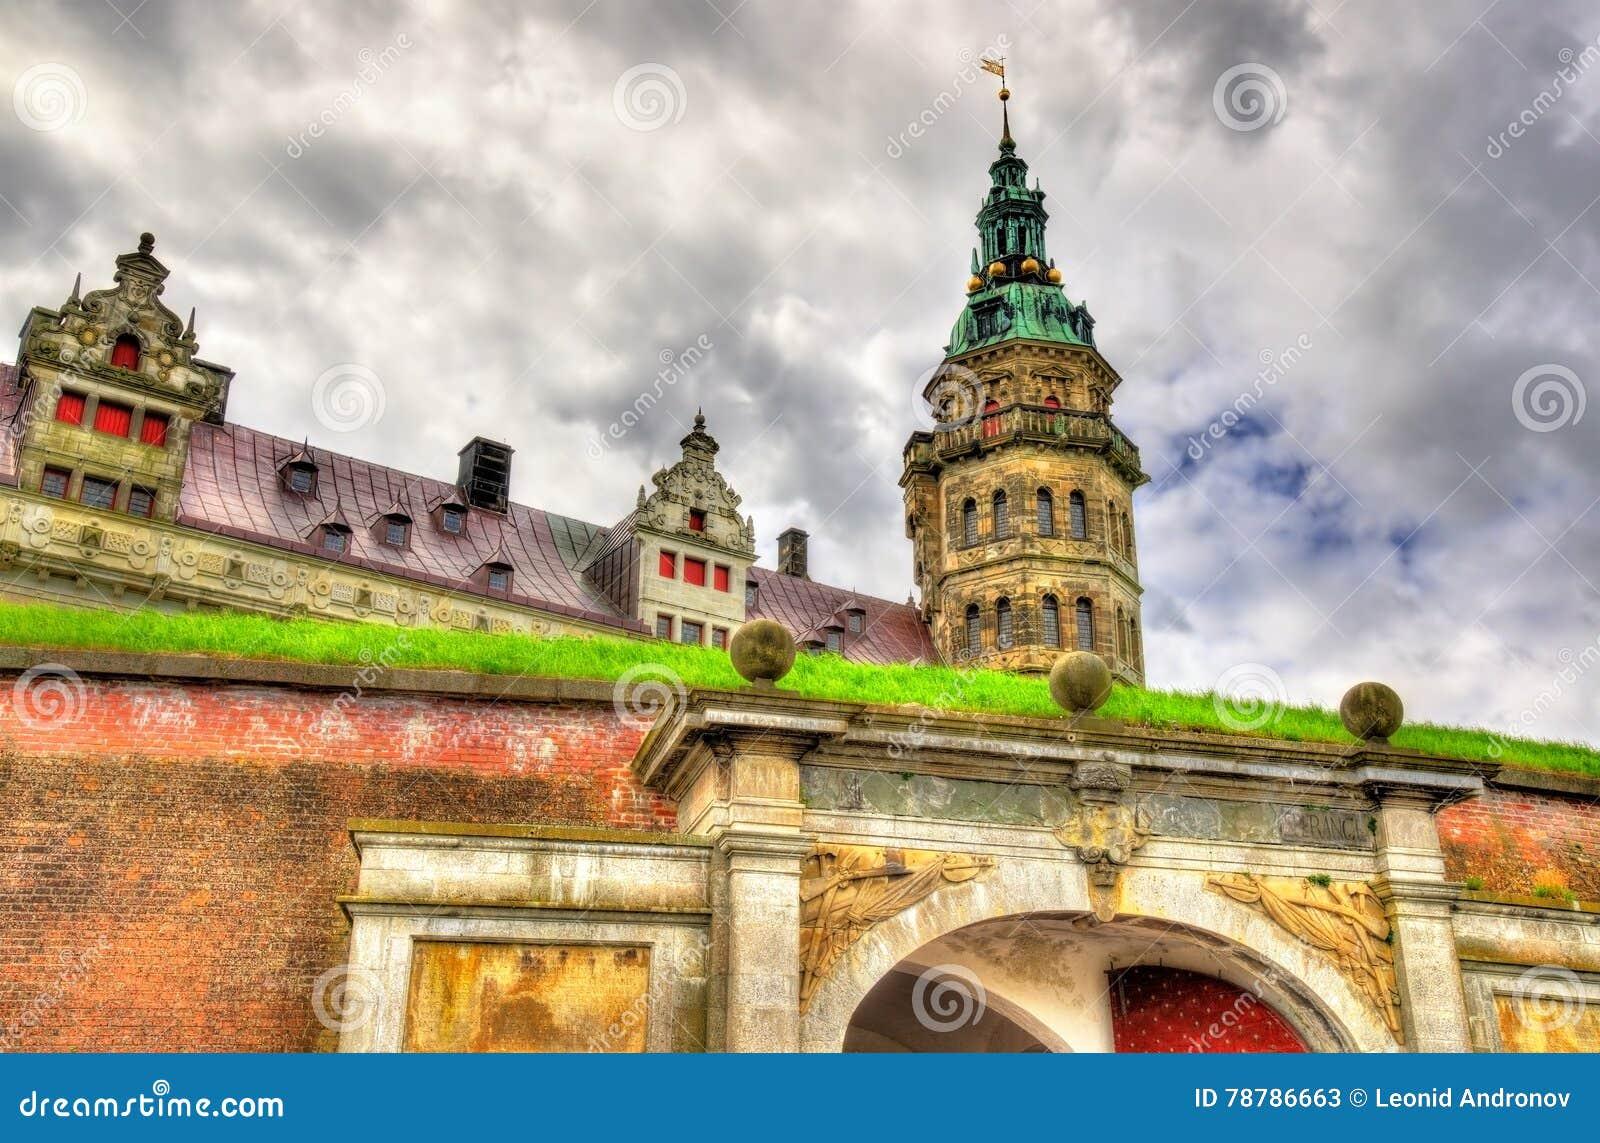 克伦堡城堡,叫作在哈姆雷特-丹麦的悲剧的Elsinore